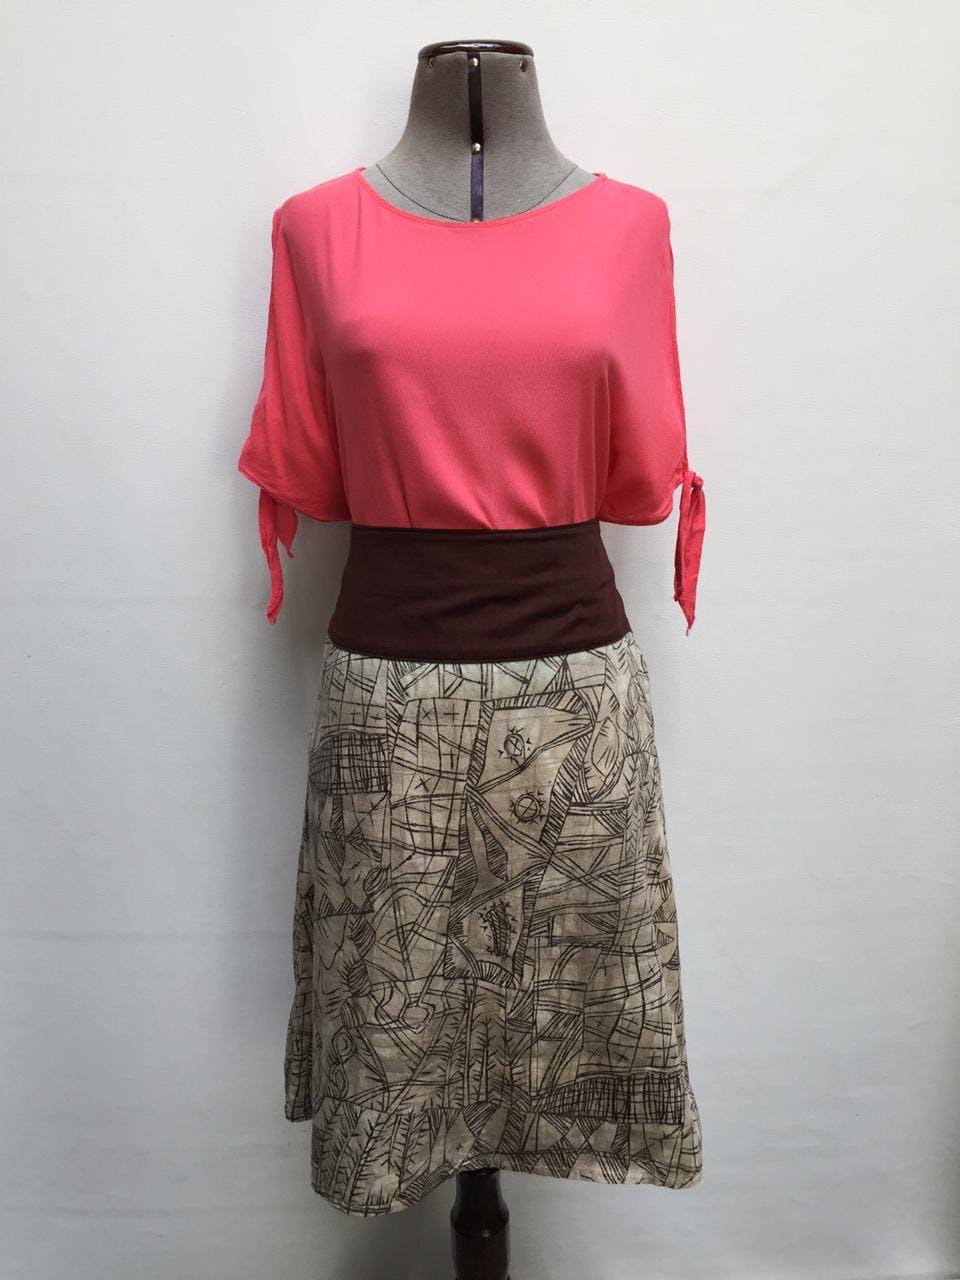 Falda Sybilla 100 % algodón crema con print de ramas marrones y pretina marrón, lleva cierre y botón lateral   Talla 28